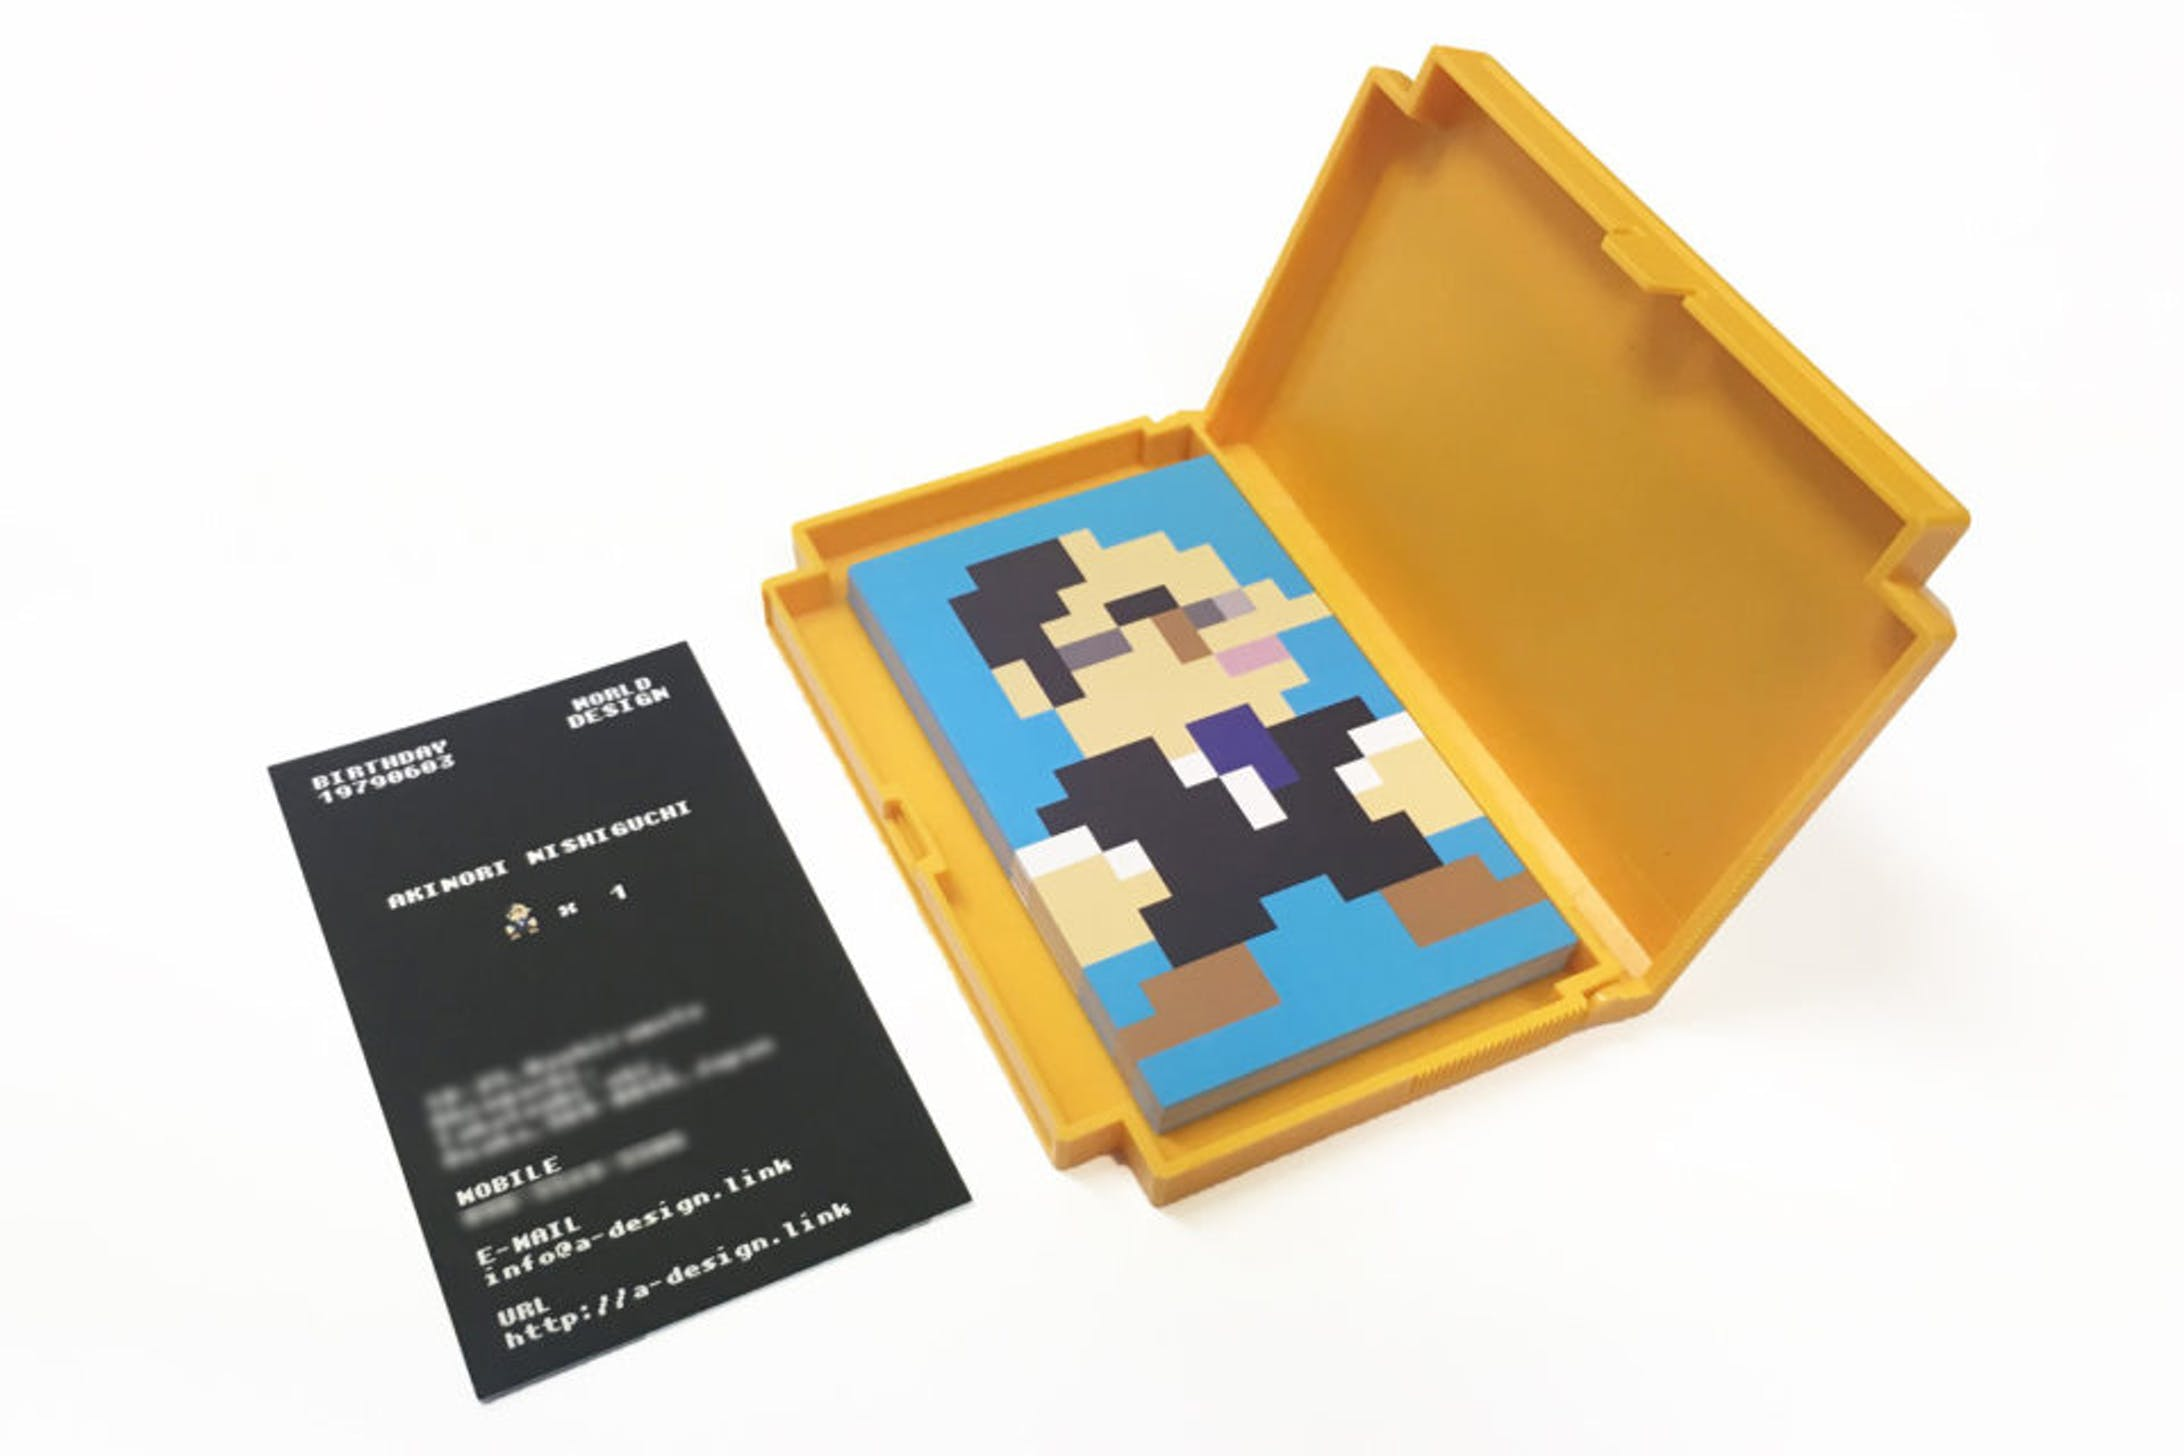 上司ニシグチ/デザイナー 03-2